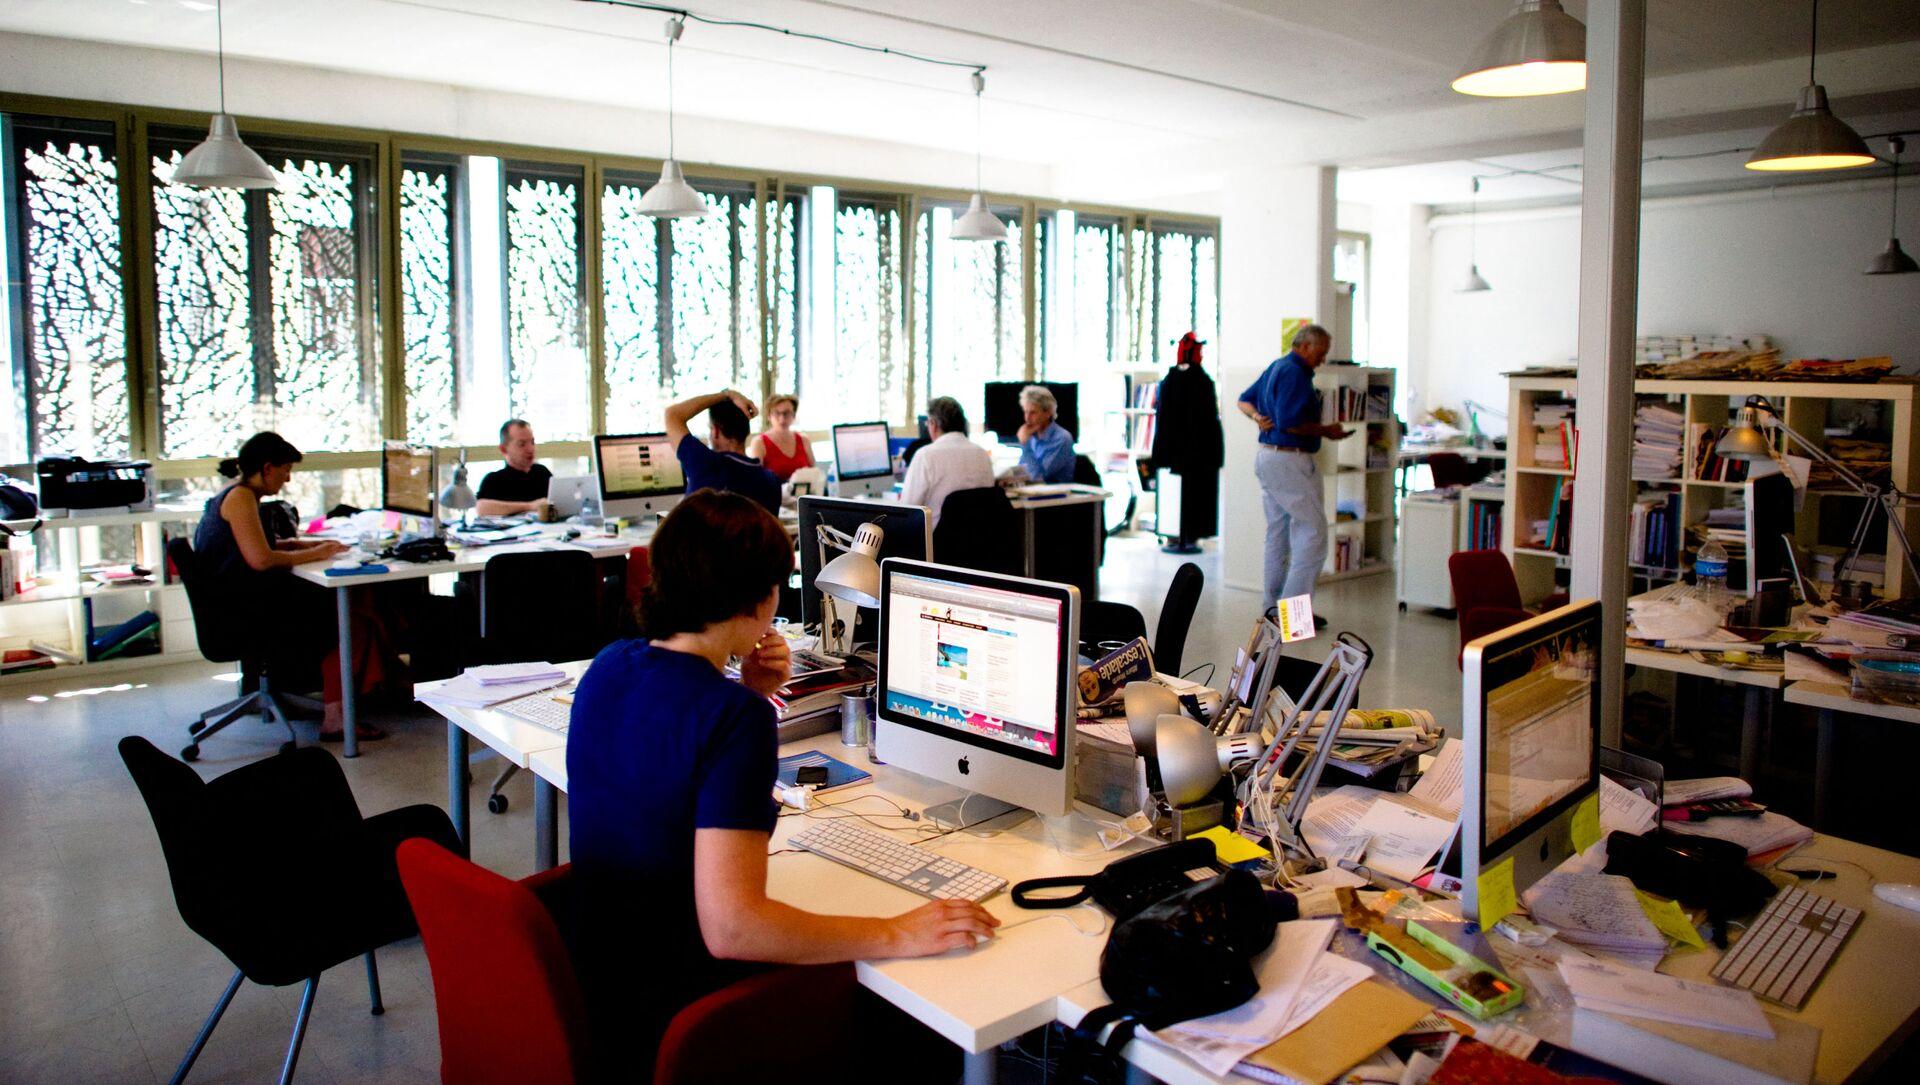 Работа в офисе, фото из архива - Sputnik Azərbaycan, 1920, 05.09.2021